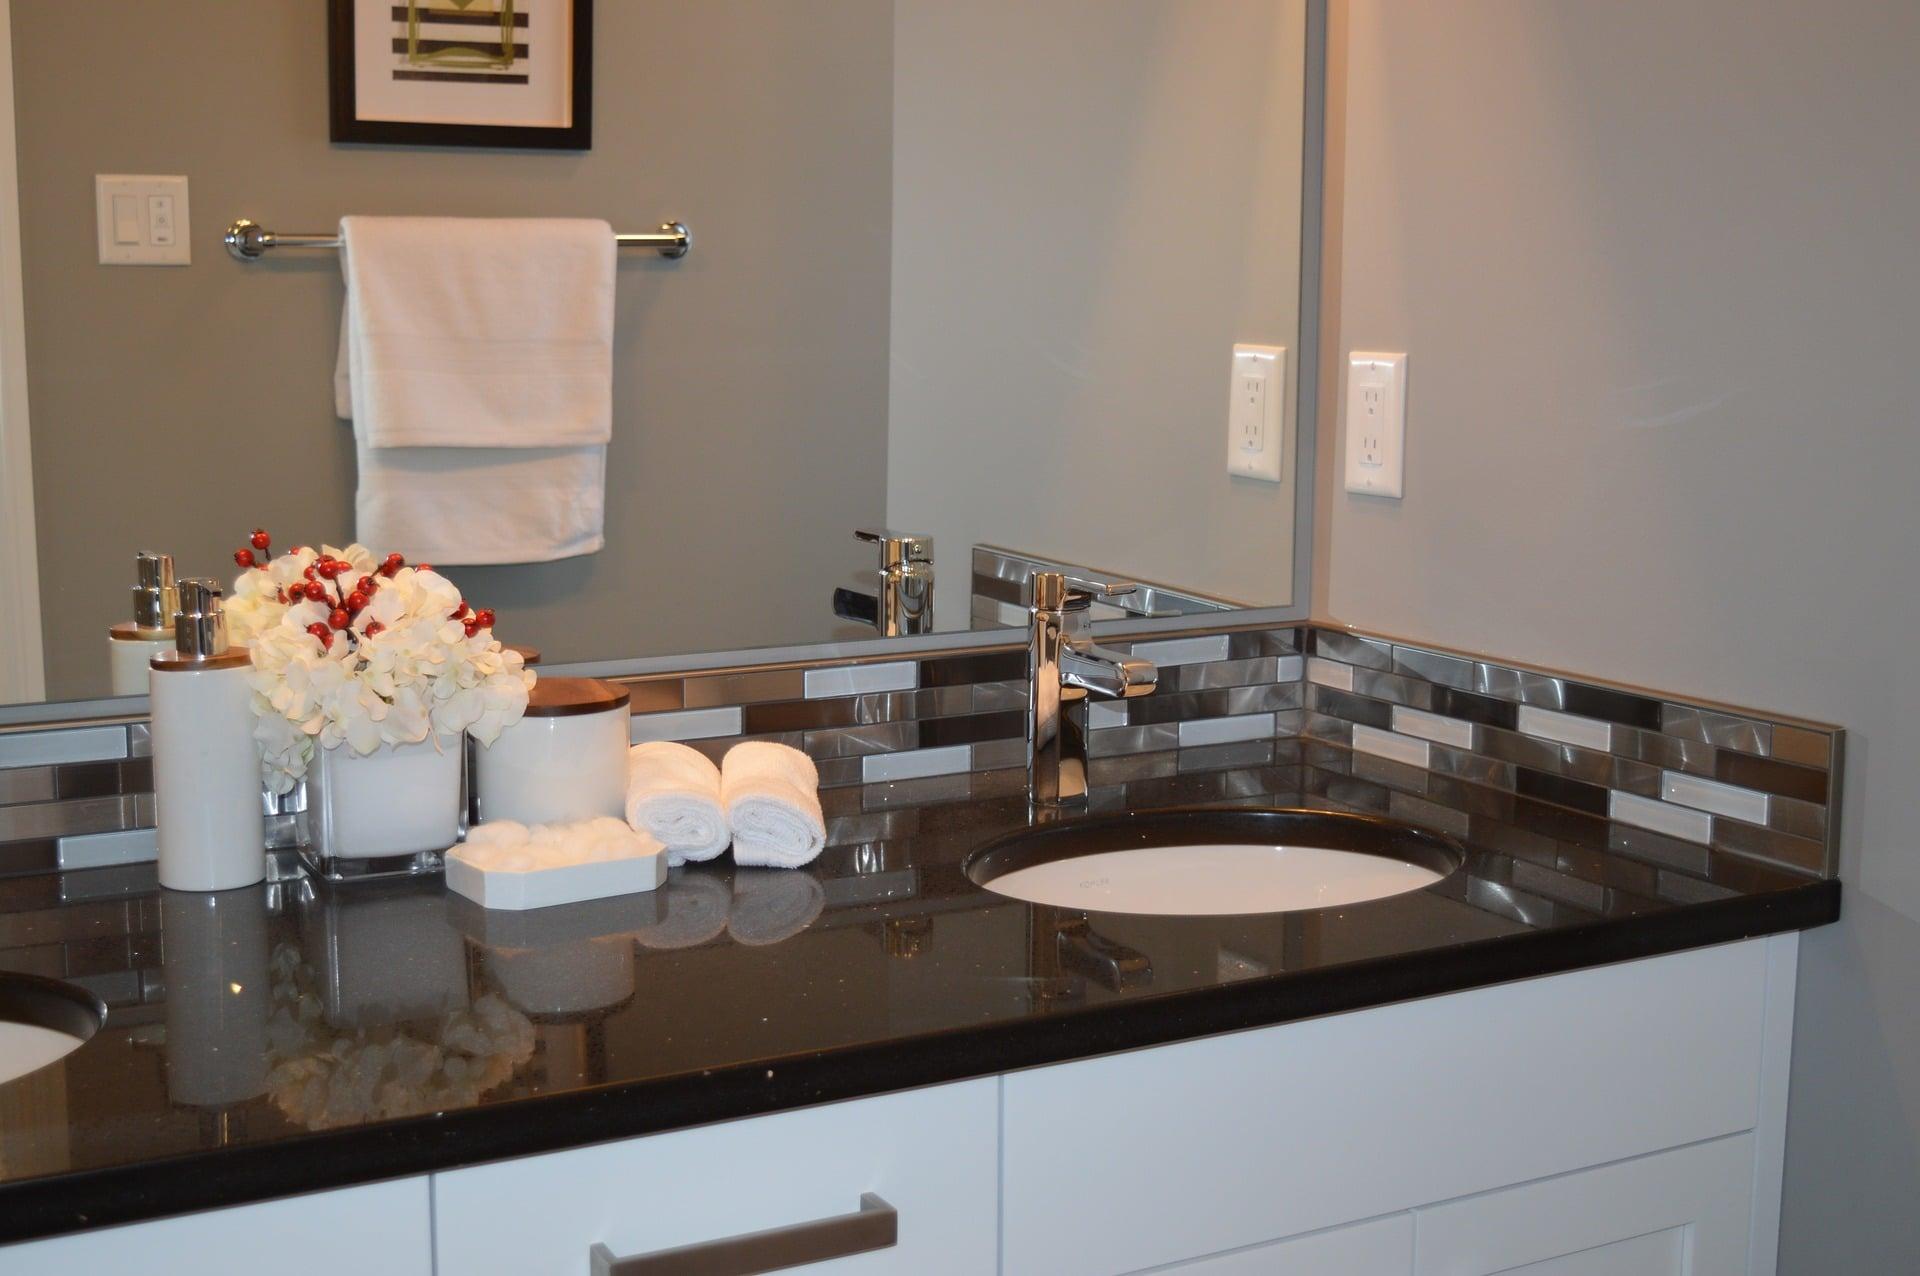 robinetterie de salle de bain 20 mod les pour faire son choix. Black Bedroom Furniture Sets. Home Design Ideas